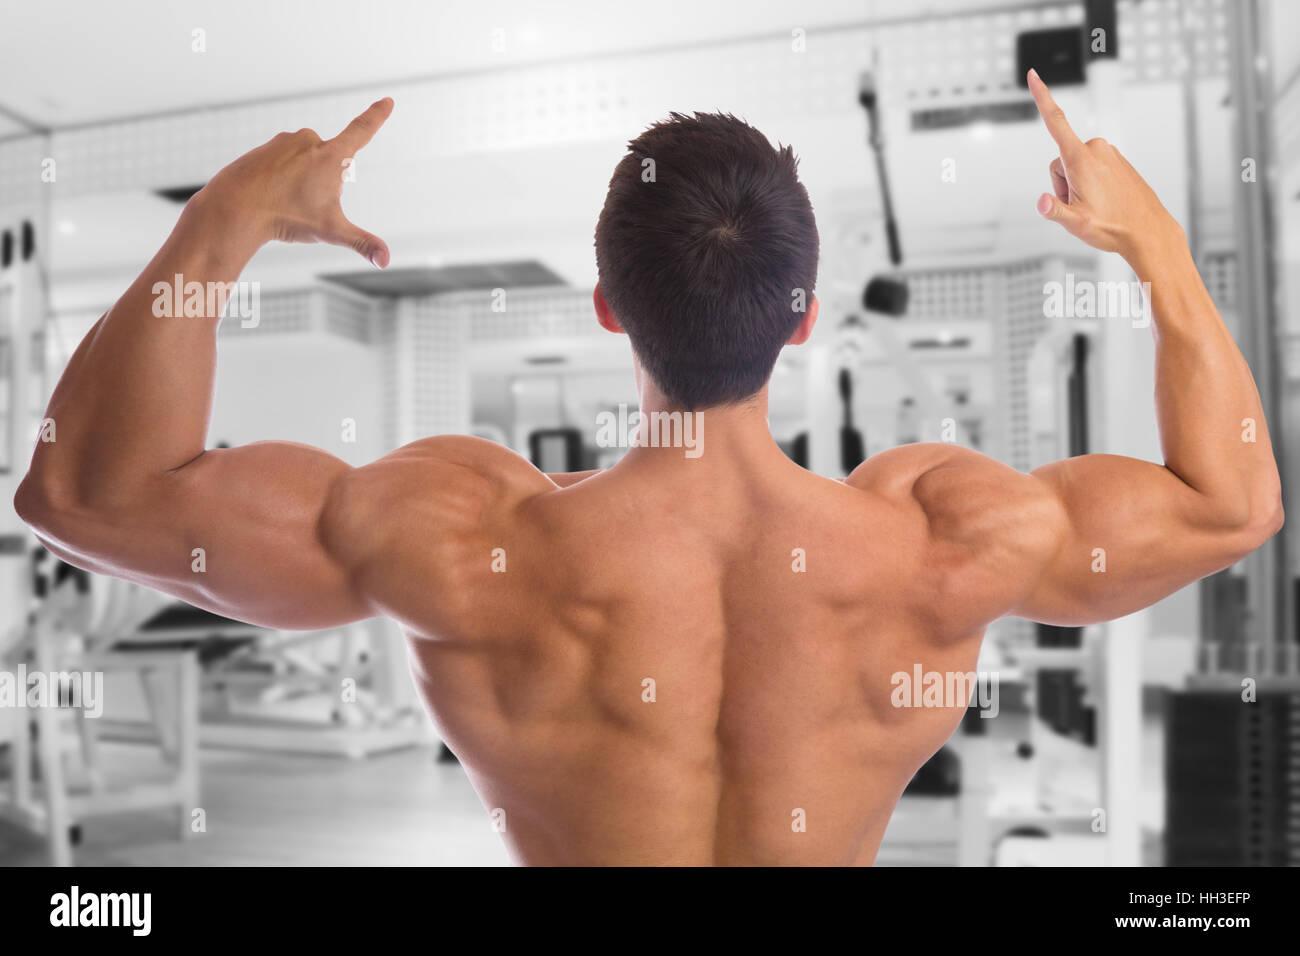 Bodybuilder bodybuilding muscoli indietro palestra forte muscolare studio fitness Immagini Stock